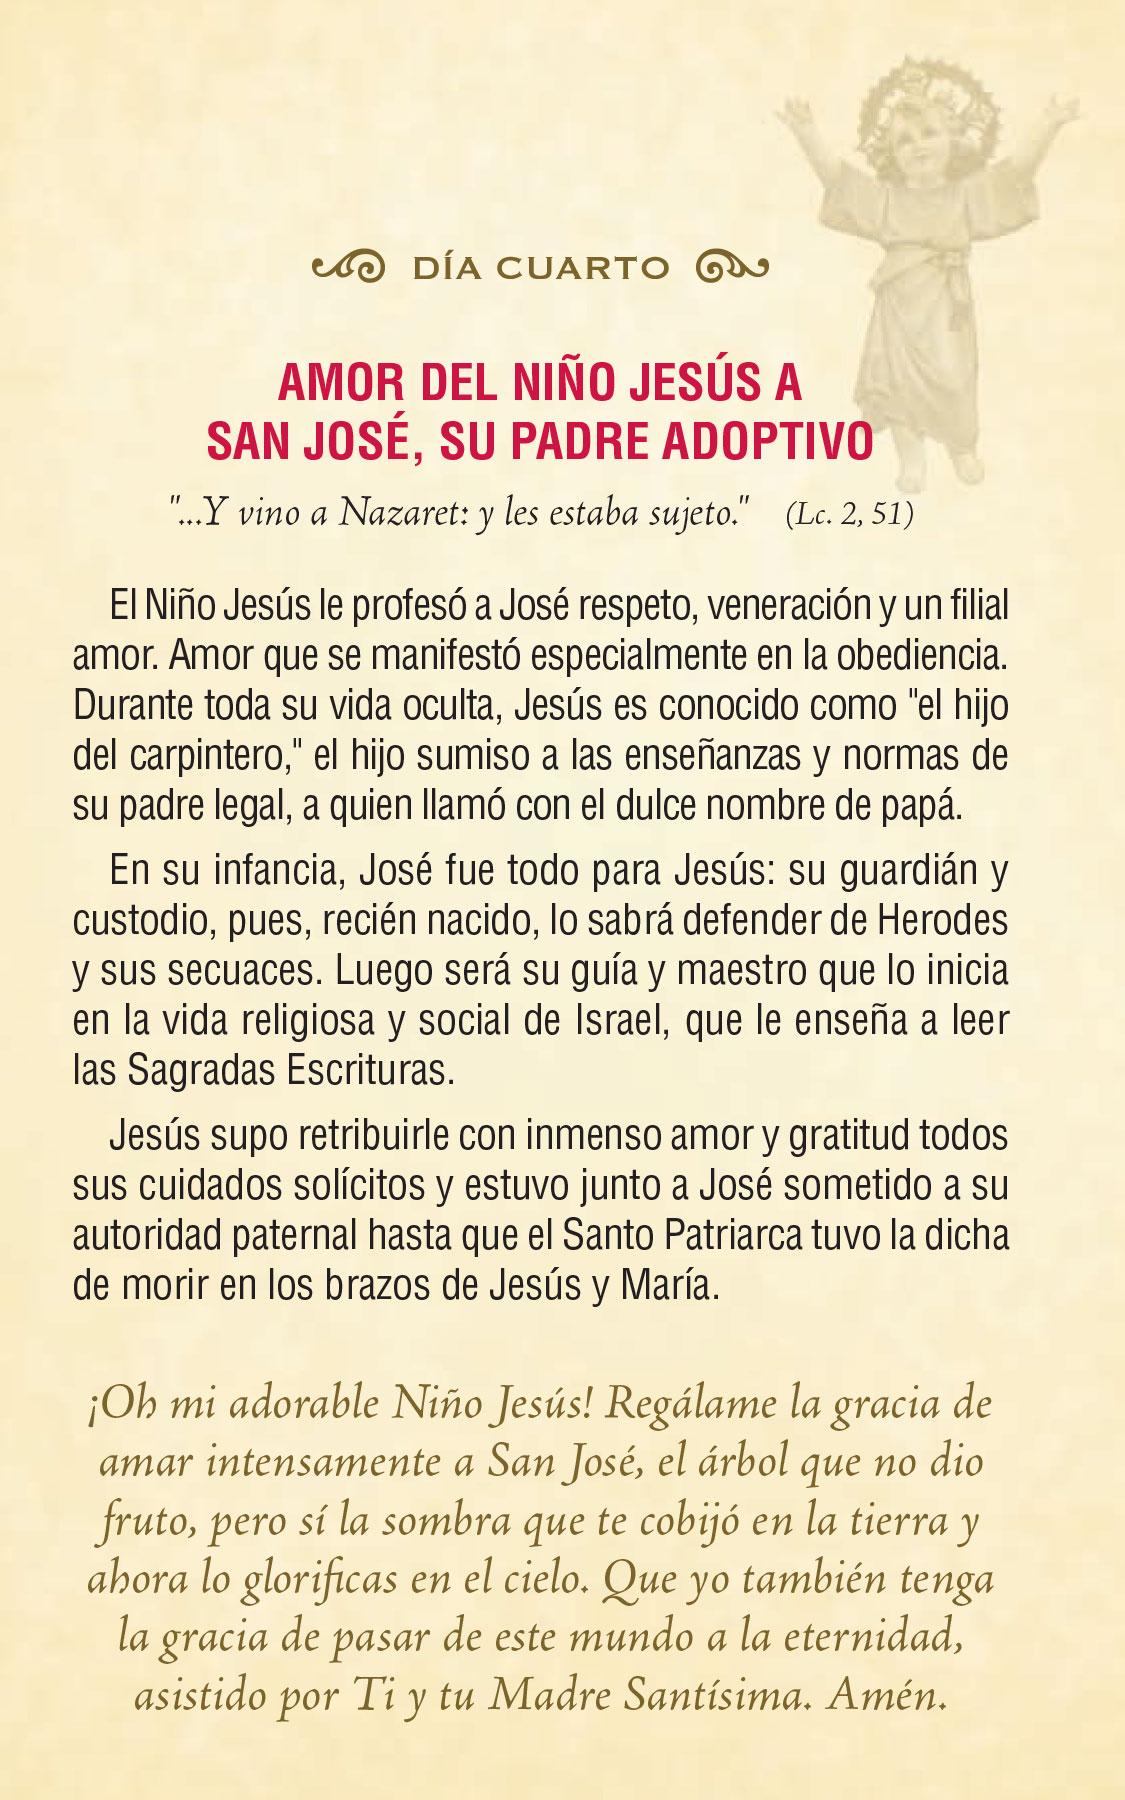 Divino Niño Jesús - día cuarto